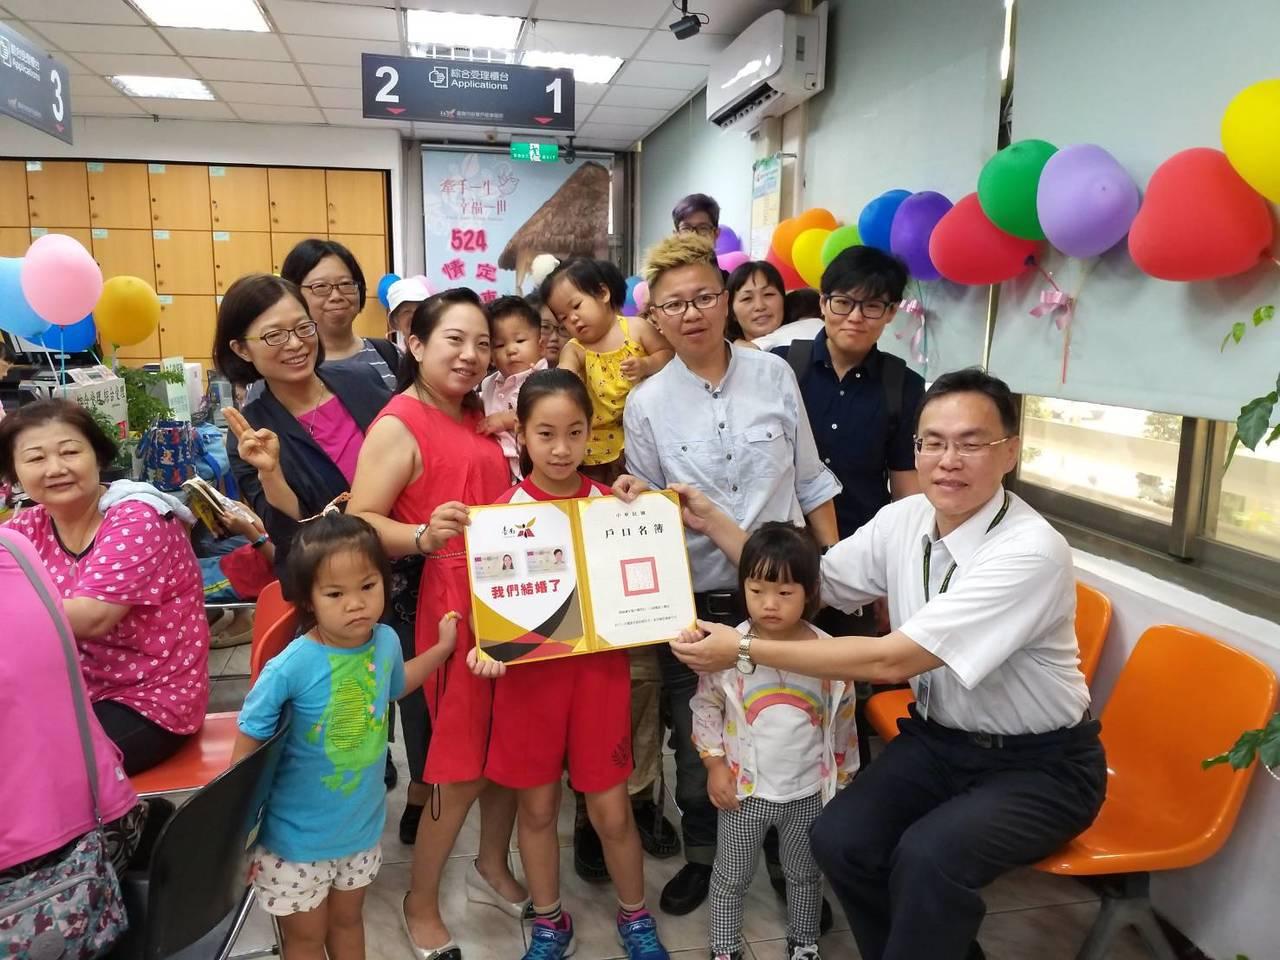 穆德、陳釩今帶著4名孩子到府東戶政事務所登記結婚。圖/府東戶政事務所提供